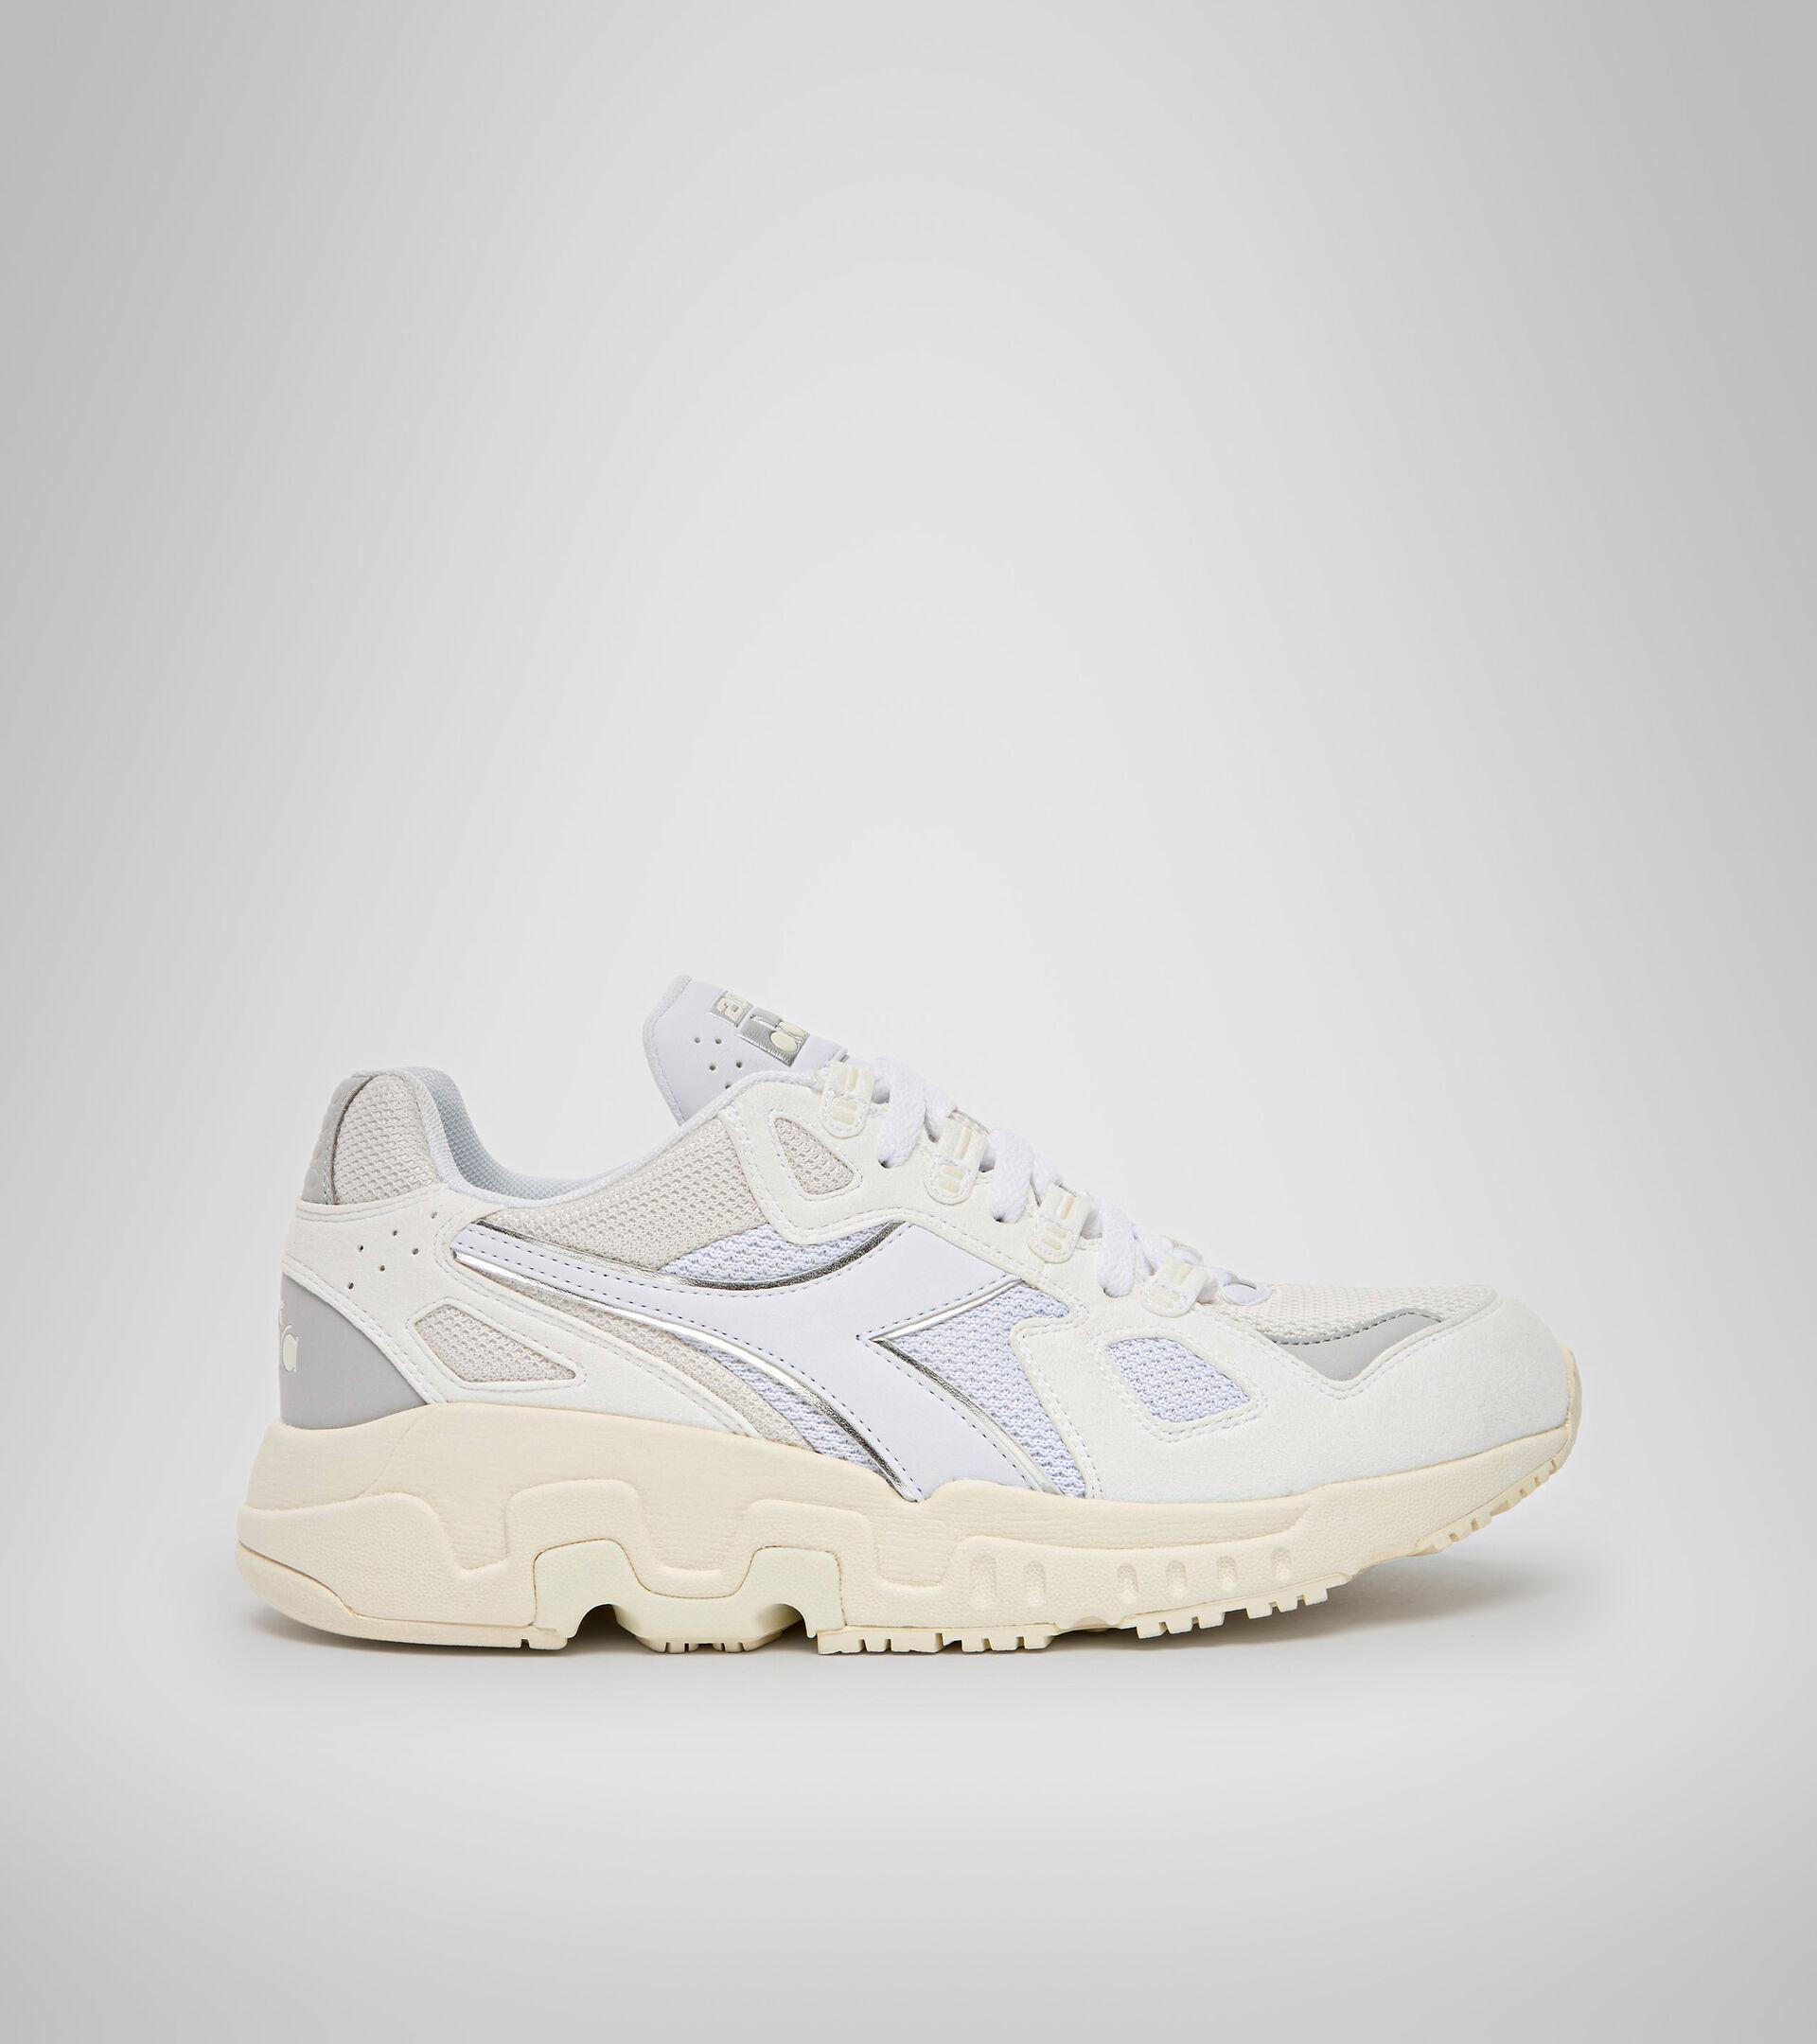 Footwear Sportswear UOMO MYTHOS SUEDE WHITE/WHITE/WHISPER WHITE Diadora